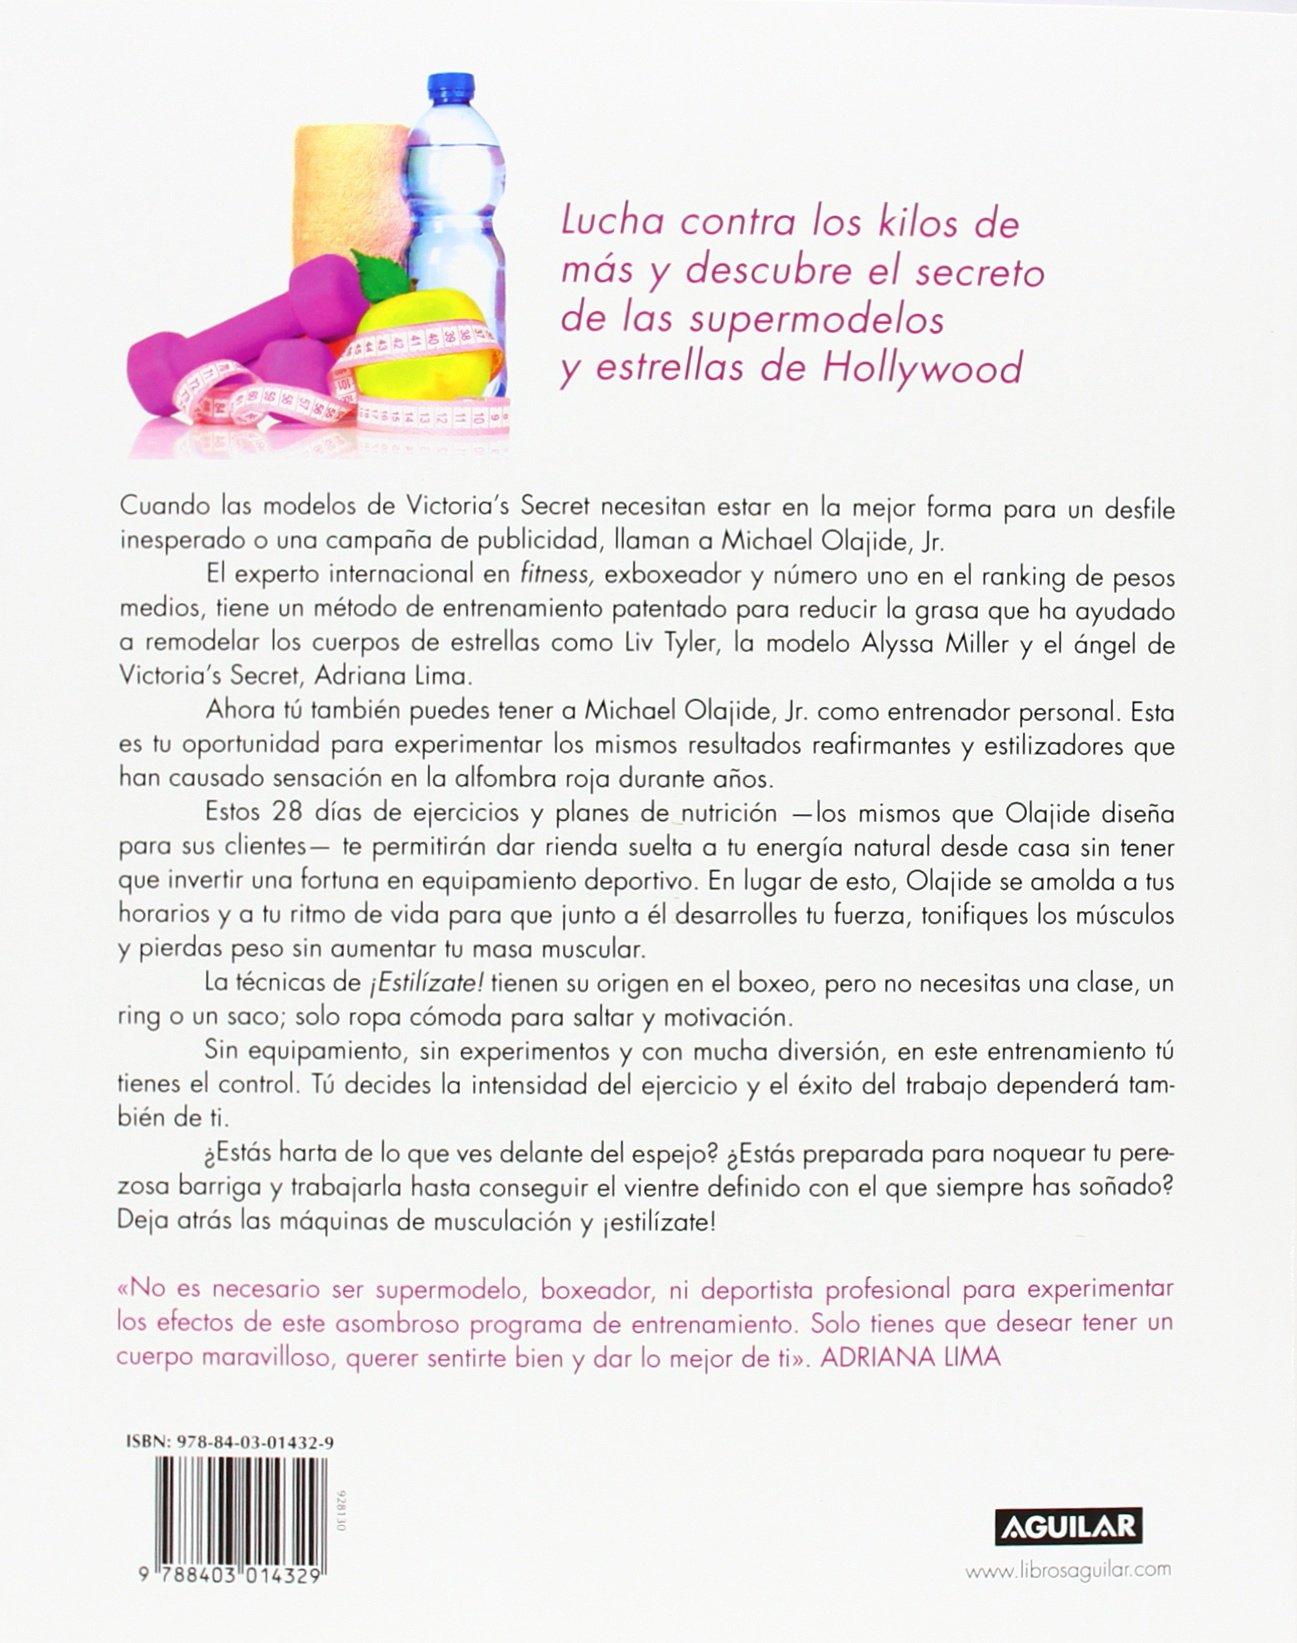 el entrenamiento de alto rendimiento sin pesas que esculpe y define tu figura en 28 días: Myatt Murphy, Michael Olajide: 9788403014329: Amazon.com: Books